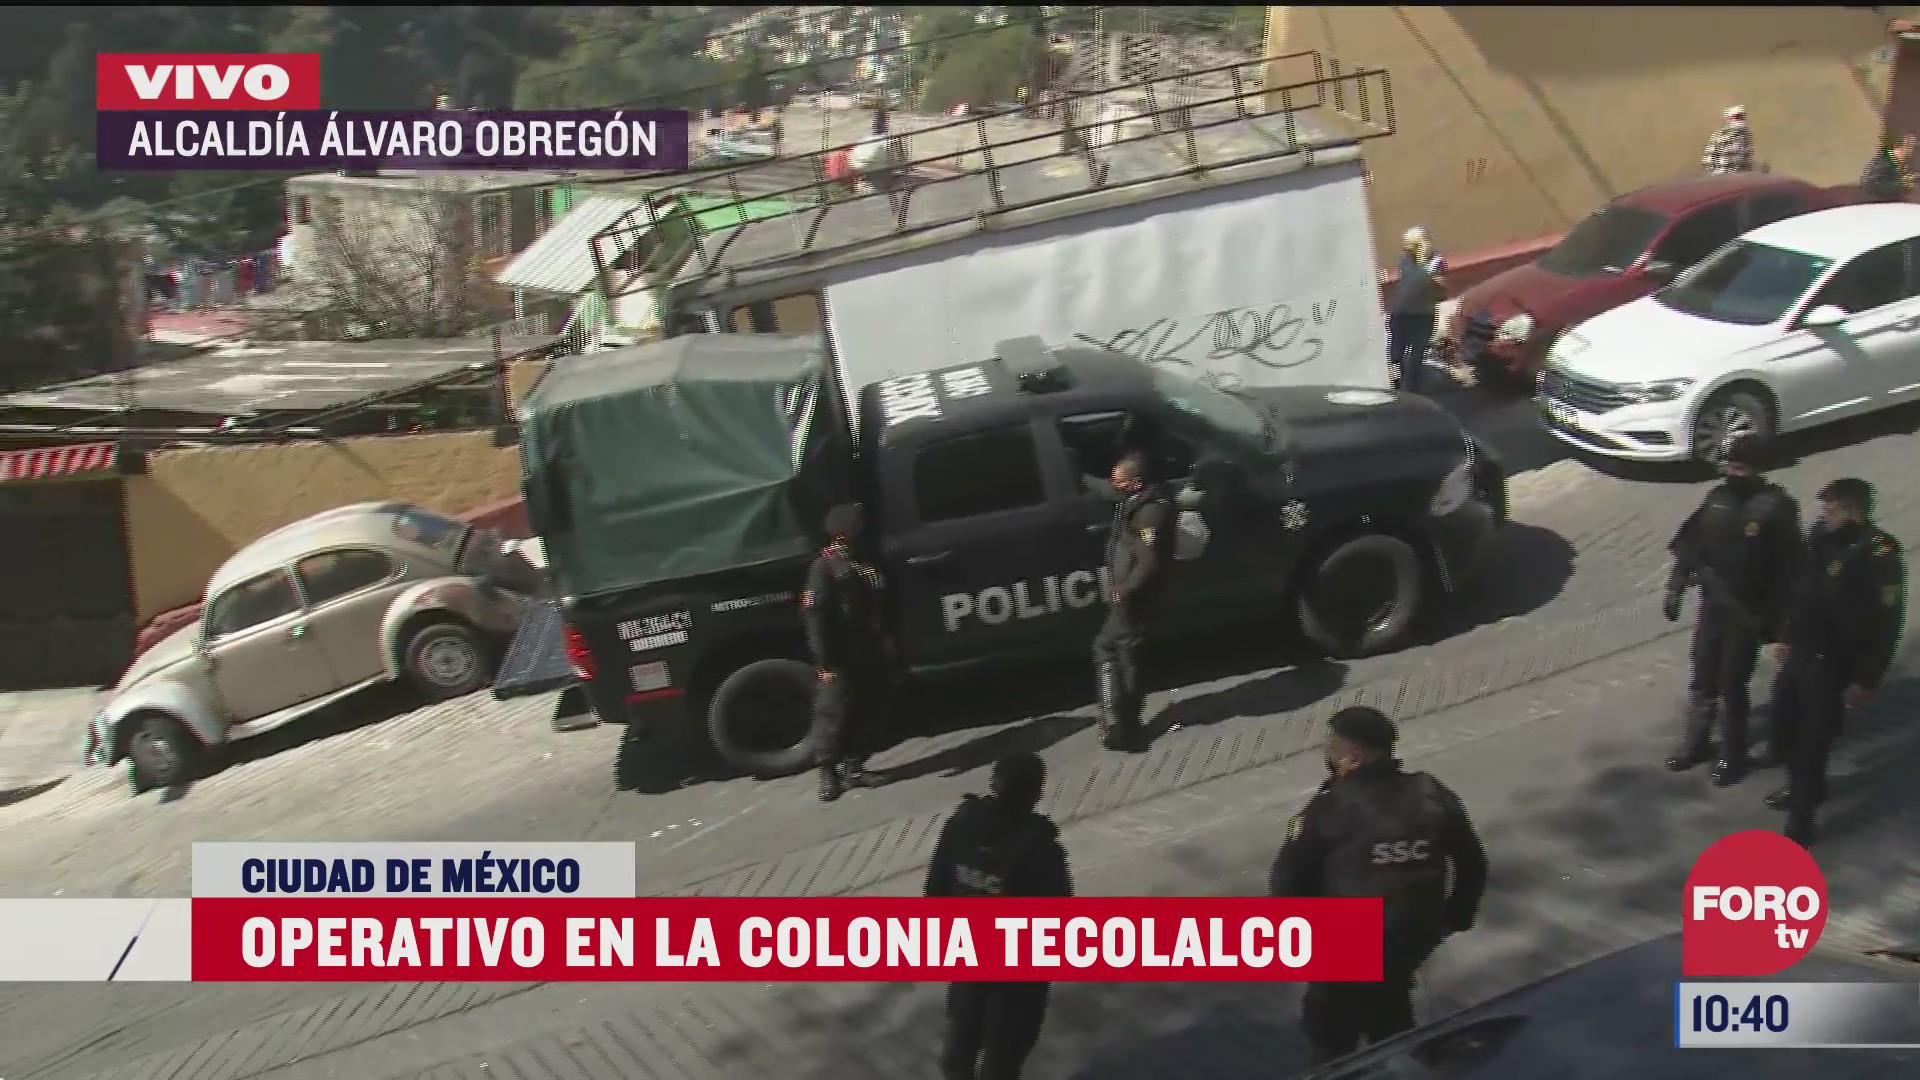 operativo policiaco en la colonia tecolalco en la alvaro obregon cdmx